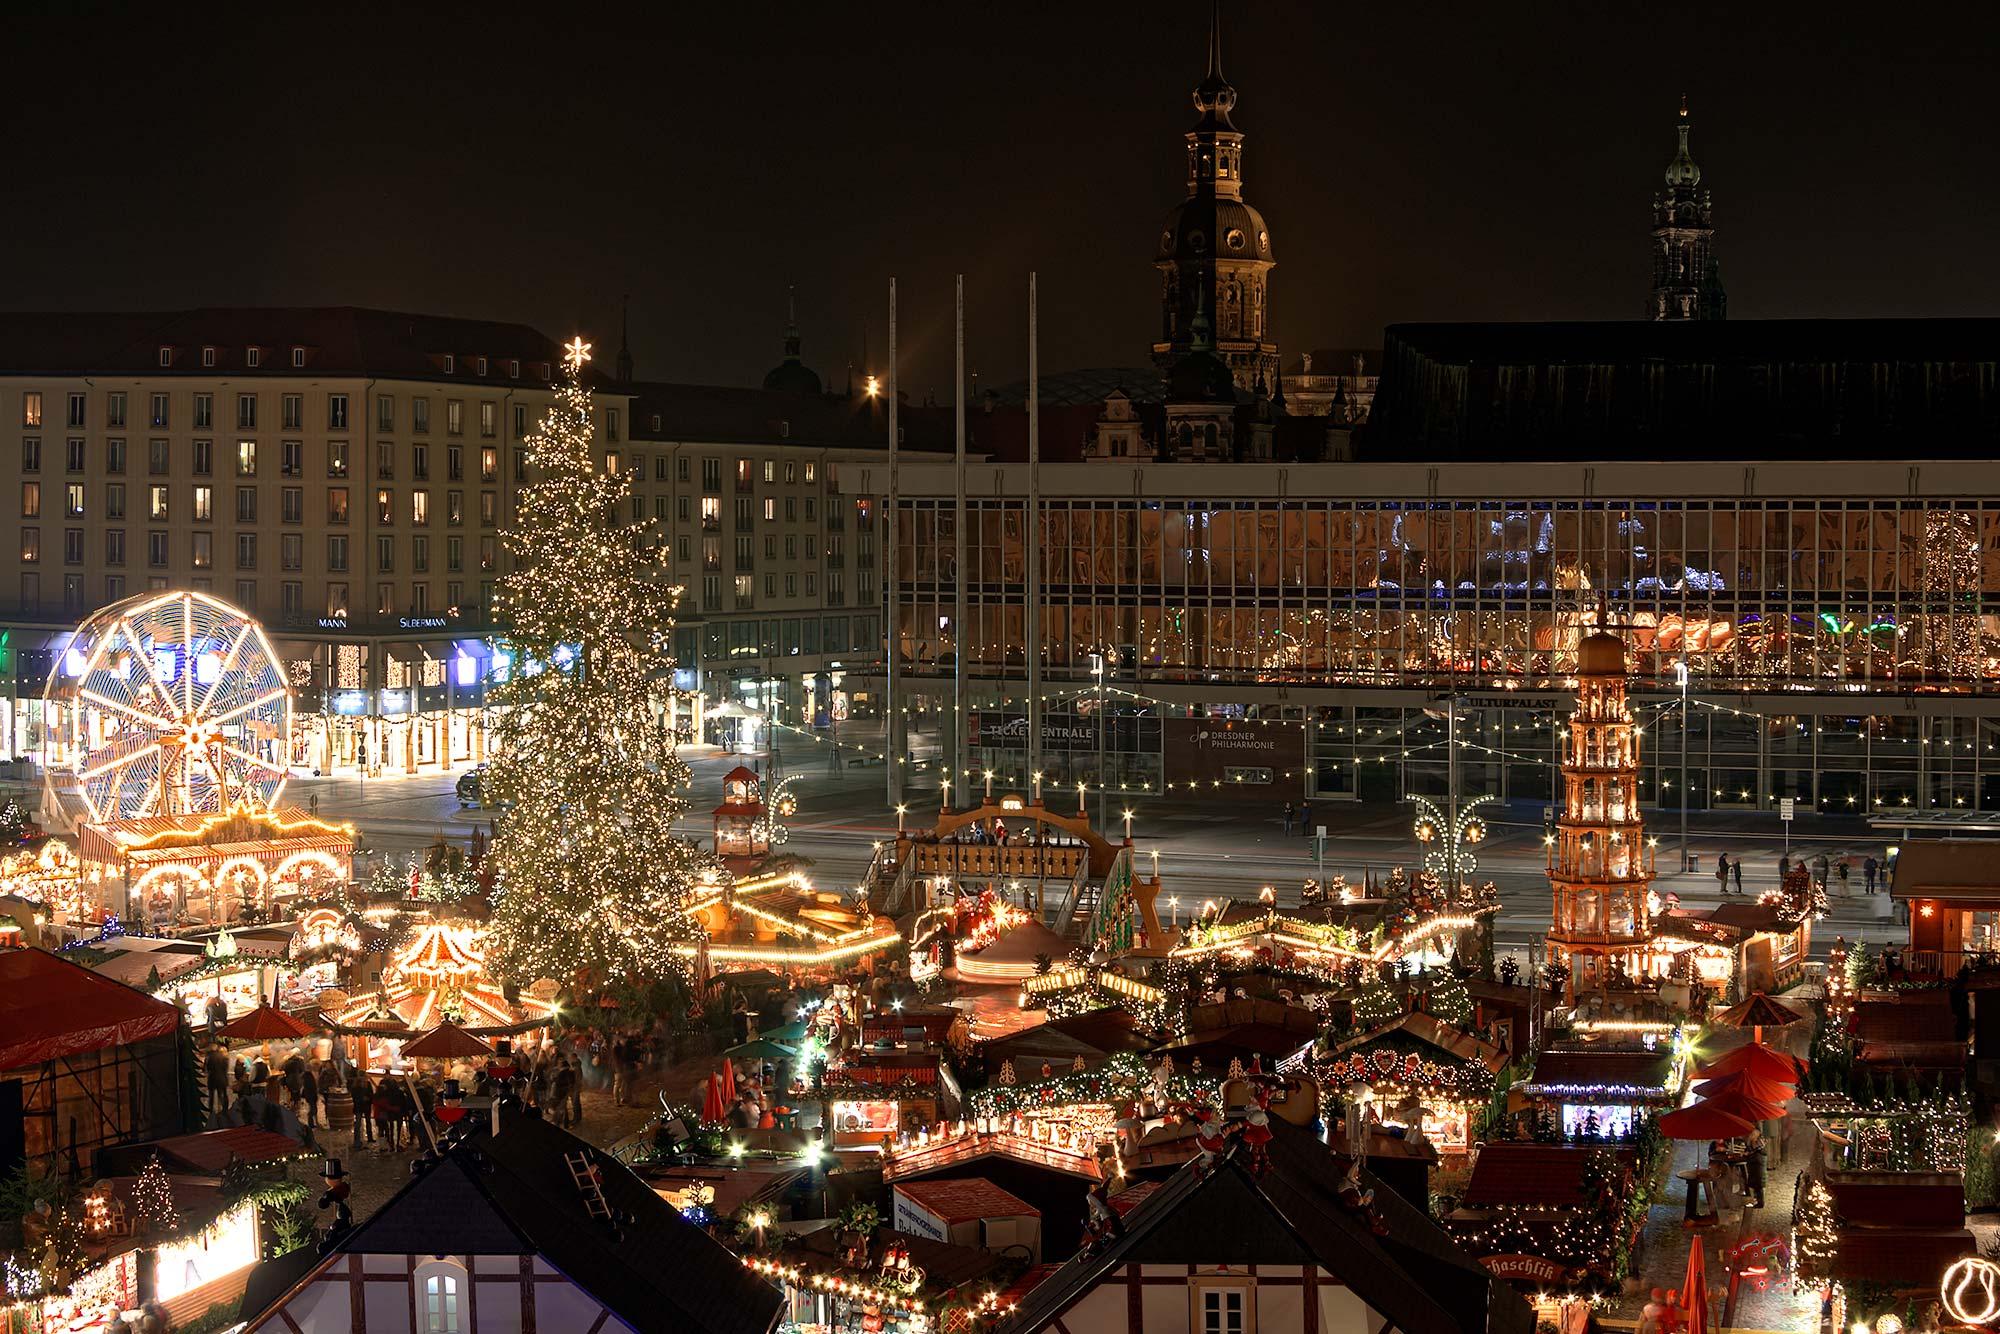 Weihnachtsmarkt In Dresden.Der Dresdner Striezelmarkt Beliebtester Weihnachtsmarkt In Sachsen